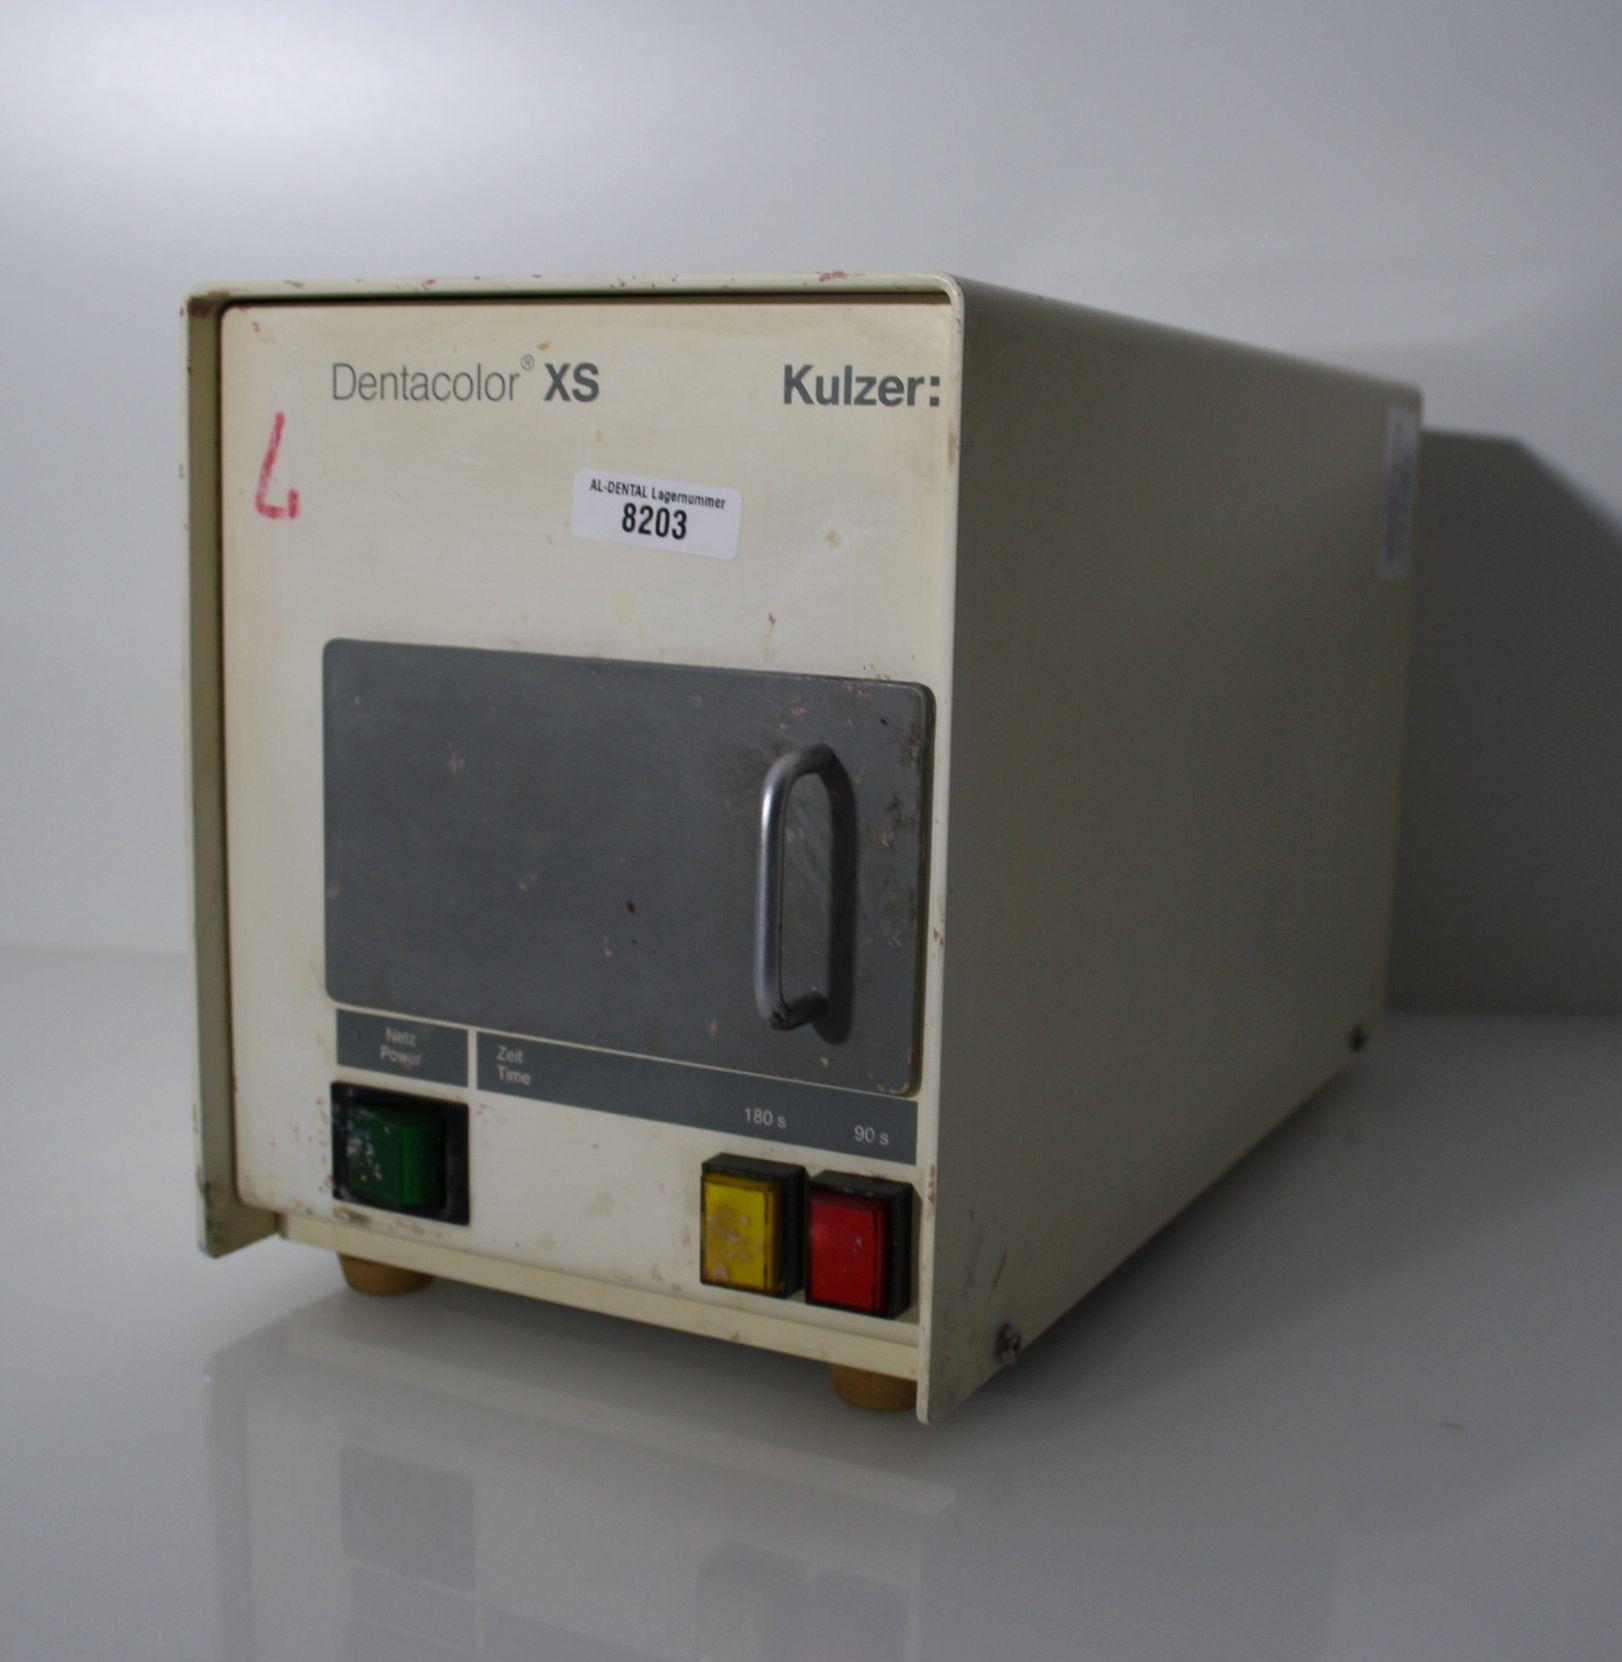 Hochleistungs-Lichtpolymerisationsgerät Dentacolor XS Kulzer # 8203